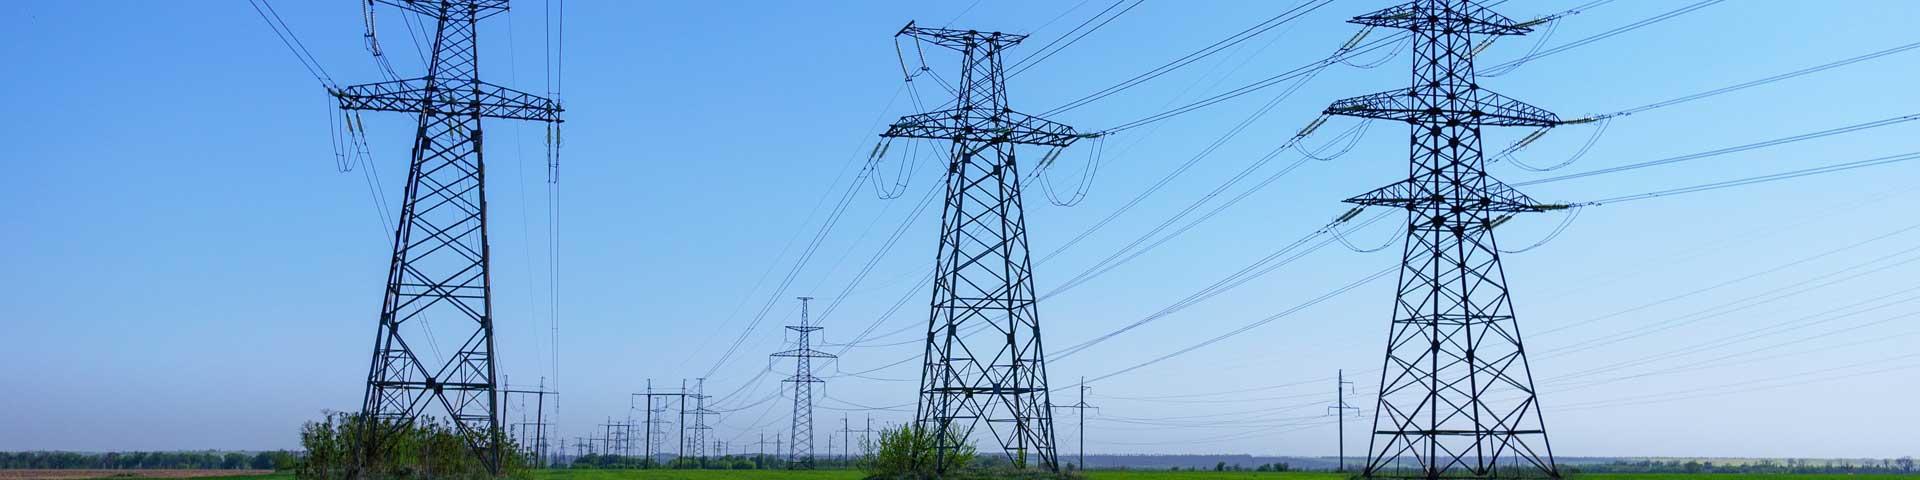 energietarieven omhoog door netbeheerkosten